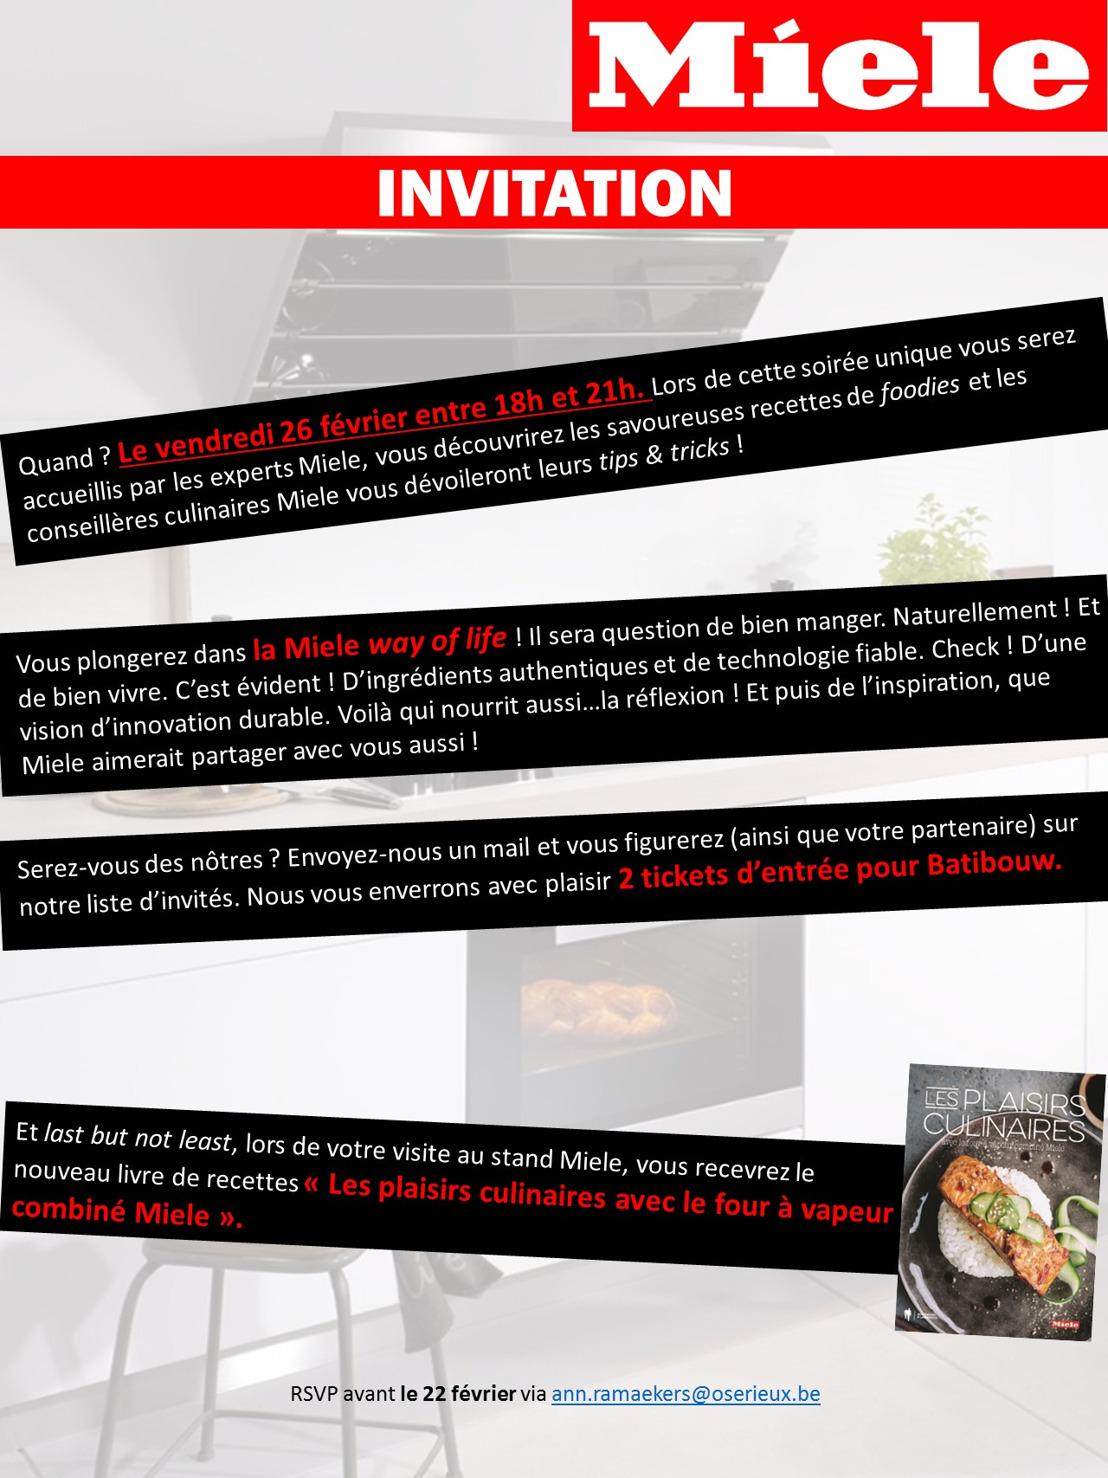 Invitation Miele - Batibouw